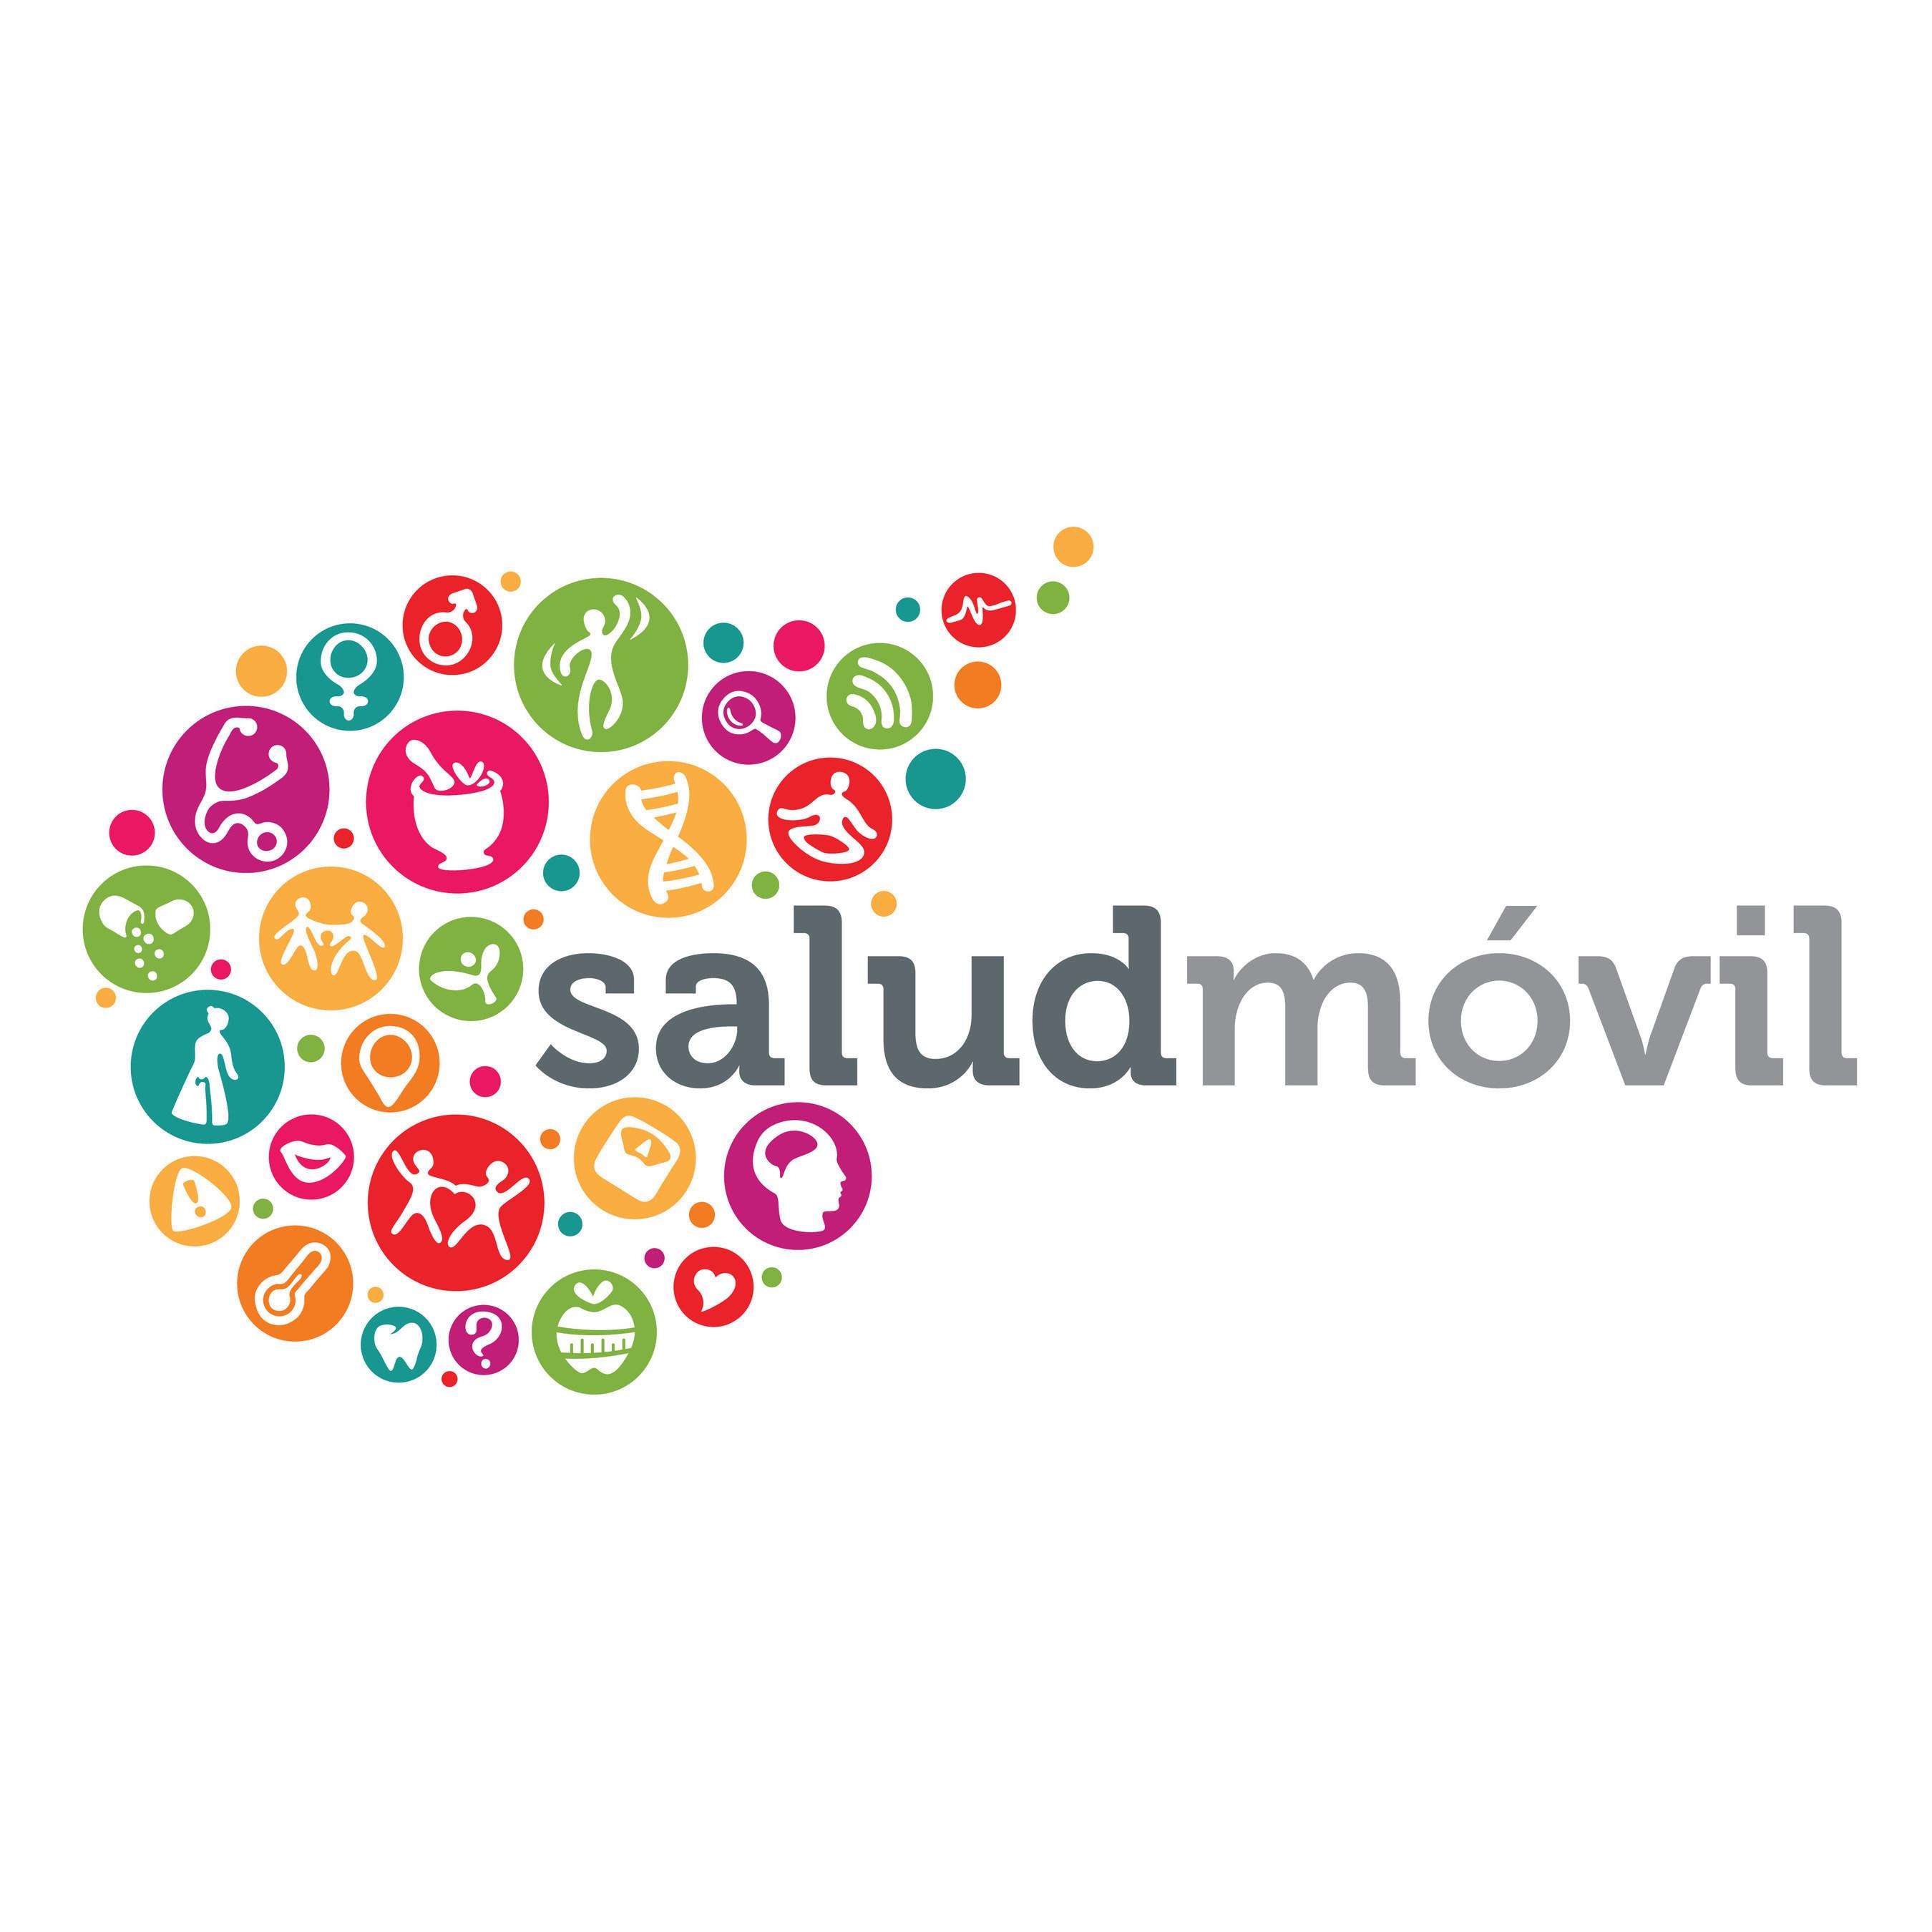 saludmovil(TM) Logo